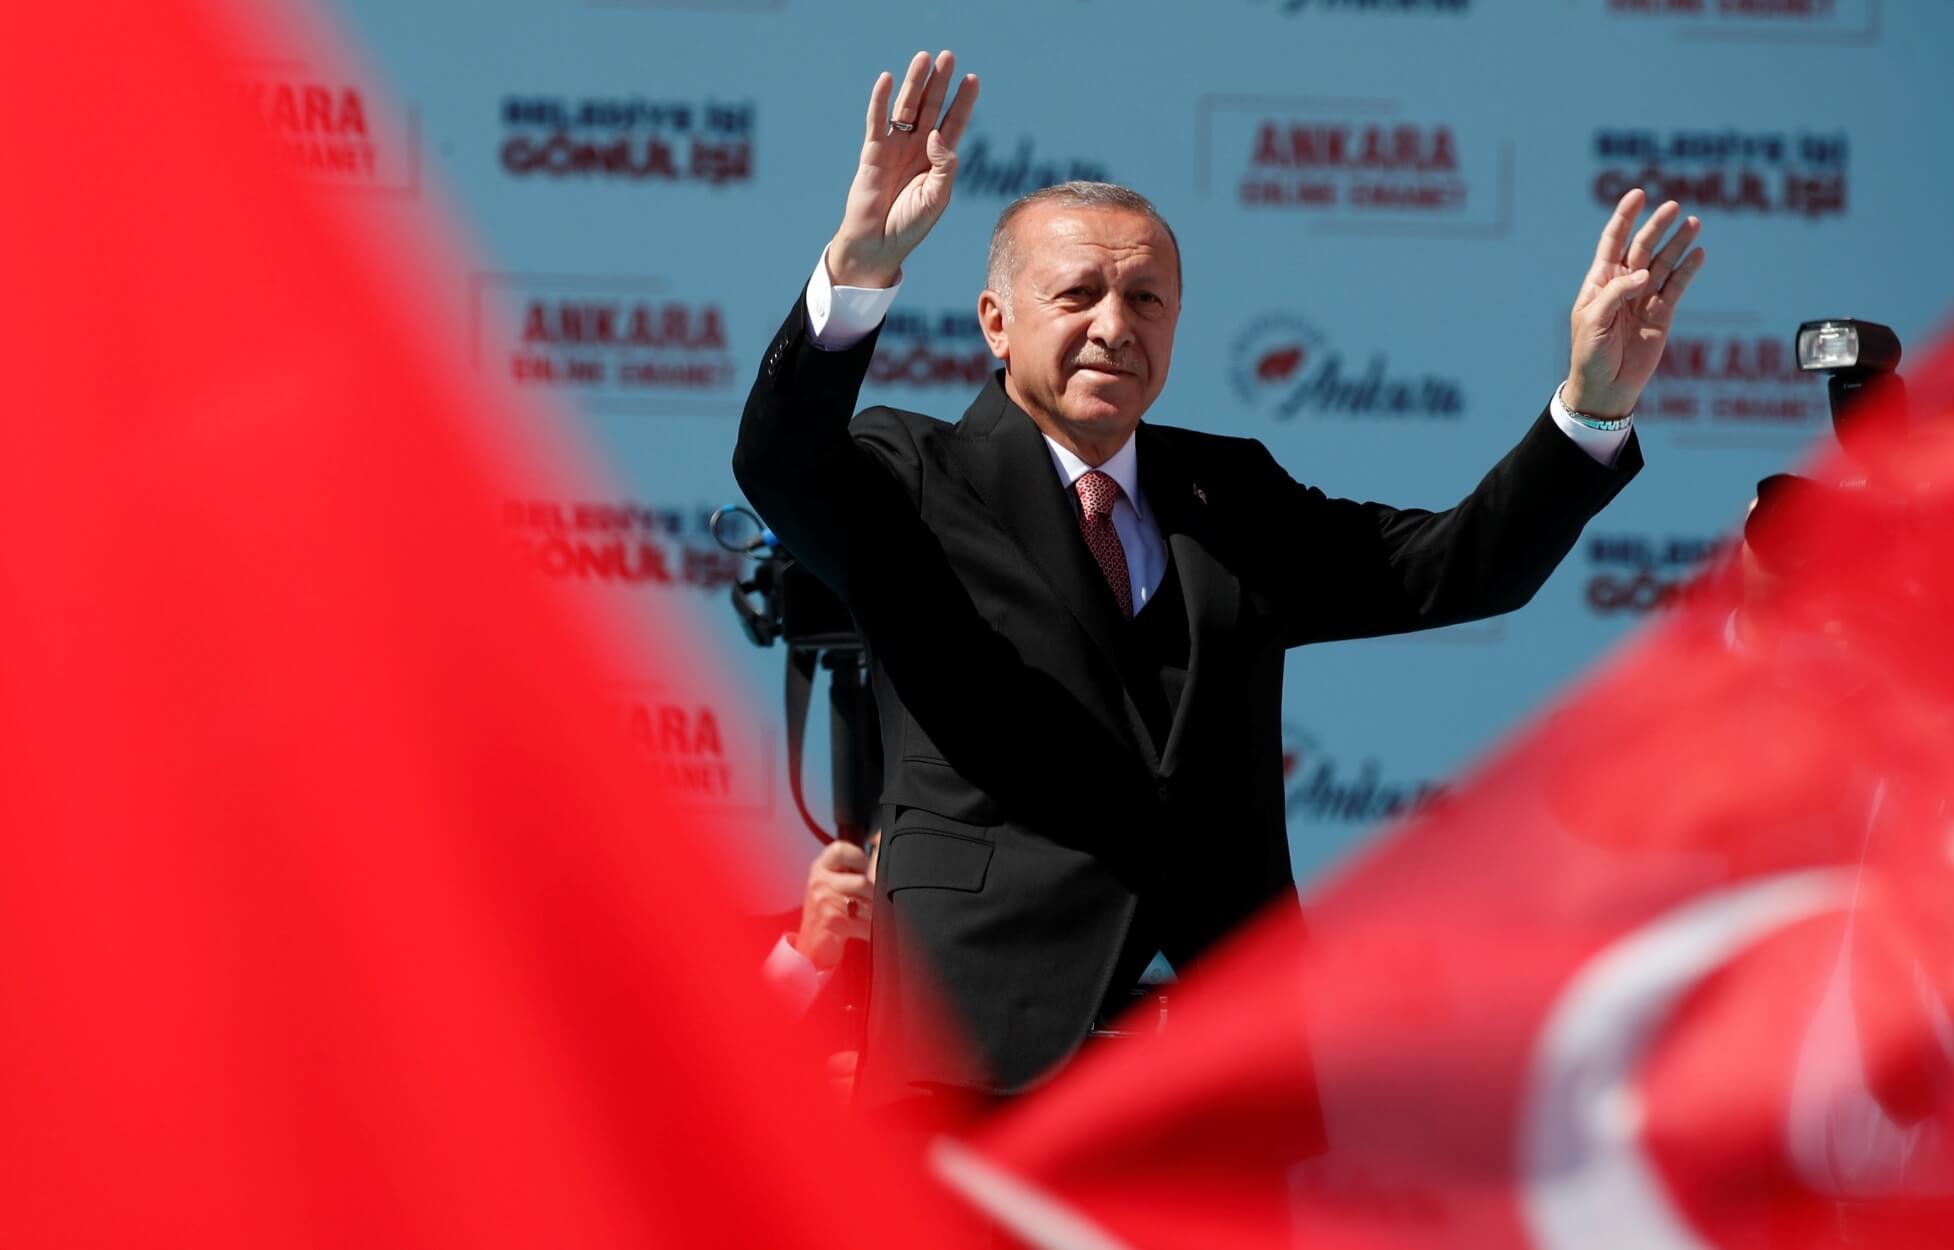 Τουρκία: Εκλογές αύριο με την οικονομία στο επίκεντρο – Απειλεί θεούς και δαίμονες ο Ερντογάν. 11